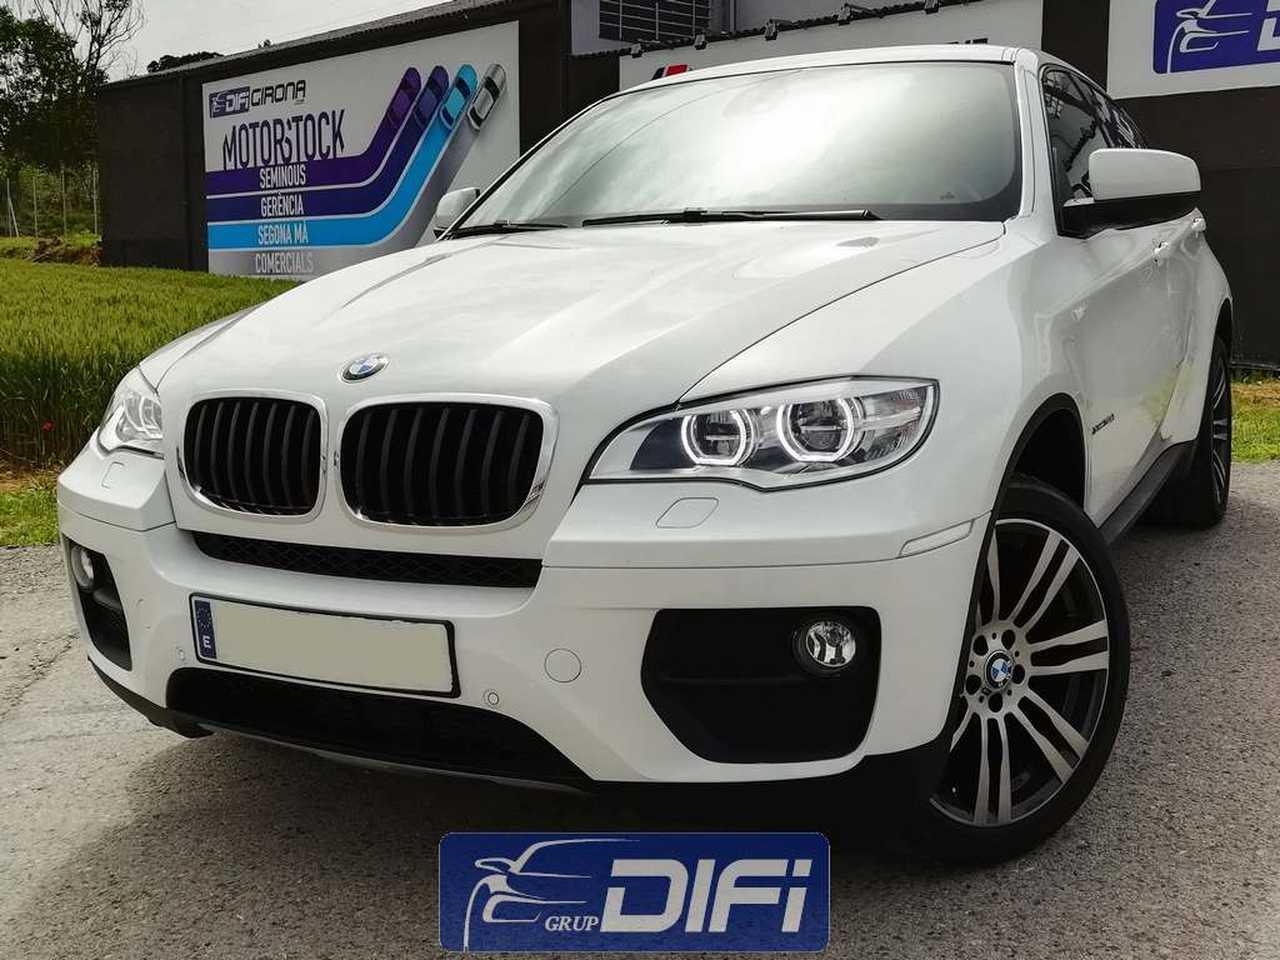 BMW X6 M 3.0D XDRIVE AUT. 245cv   - Foto 1